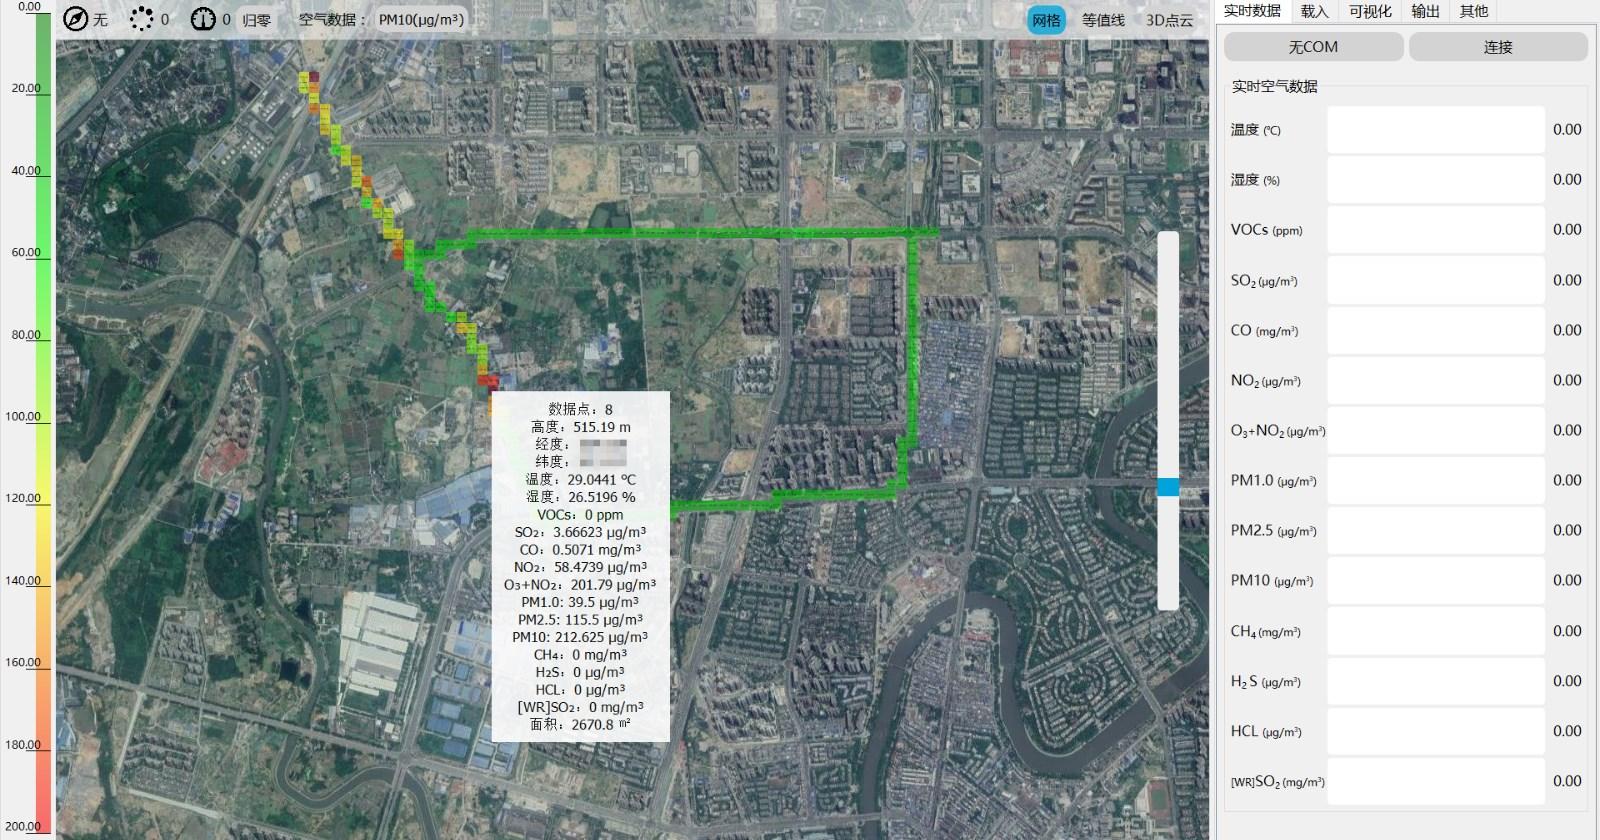 某市大气污染指标巡查.jpg